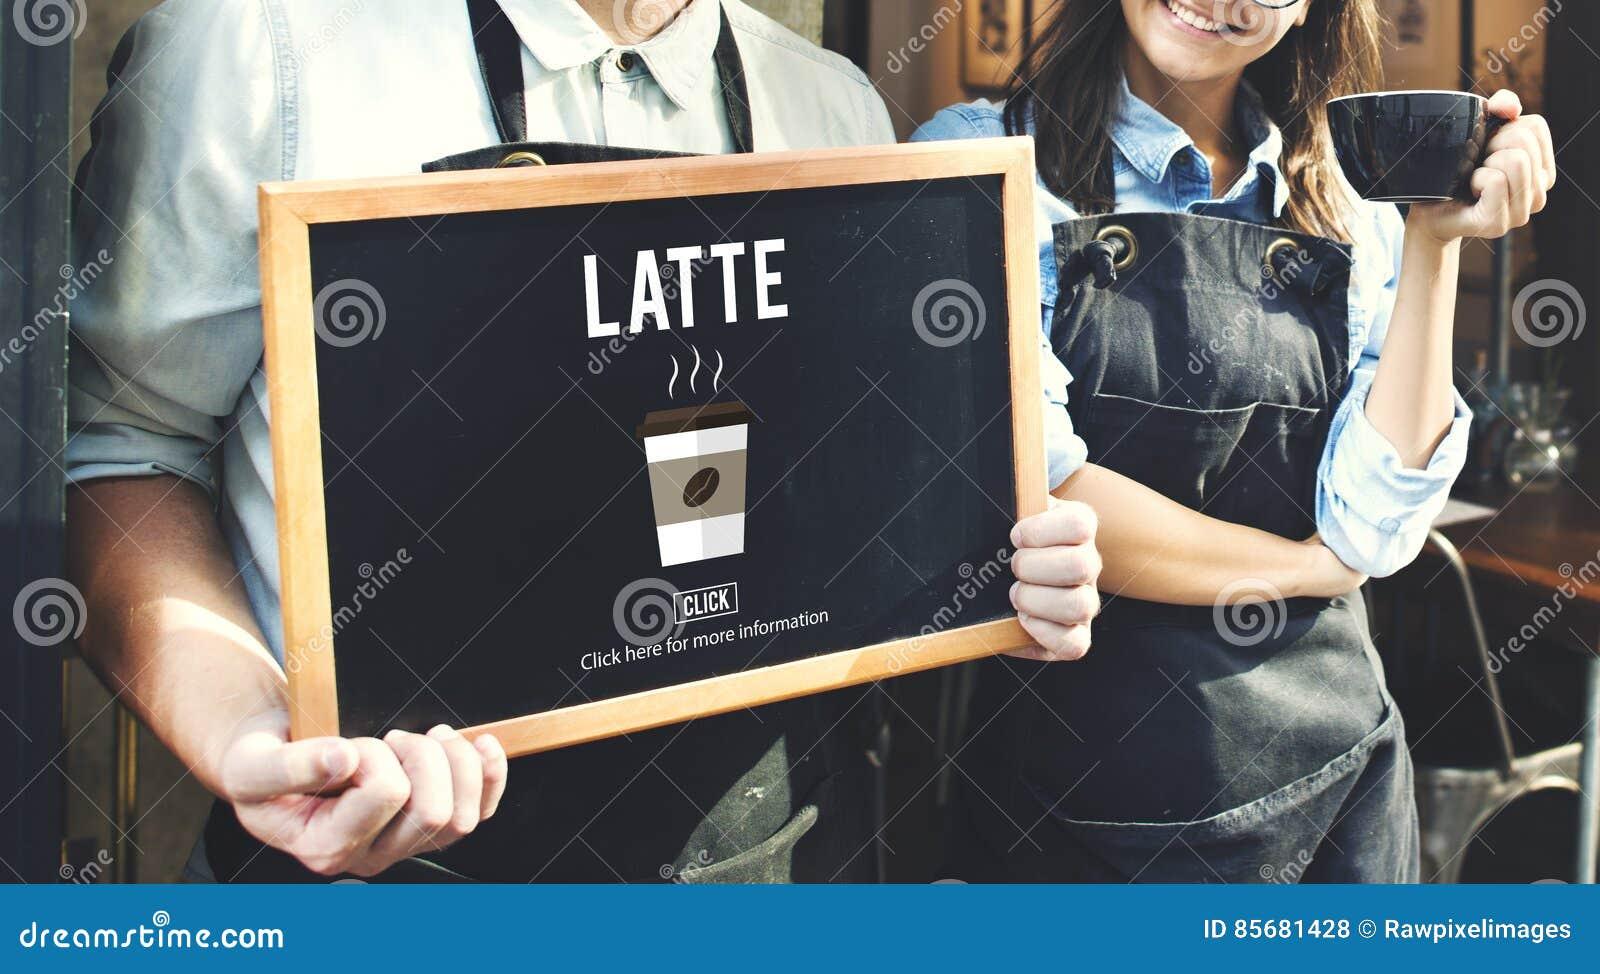 Έννοια ποτών καφεΐνης αφρού αφρού γάλακτος καφέ Latte